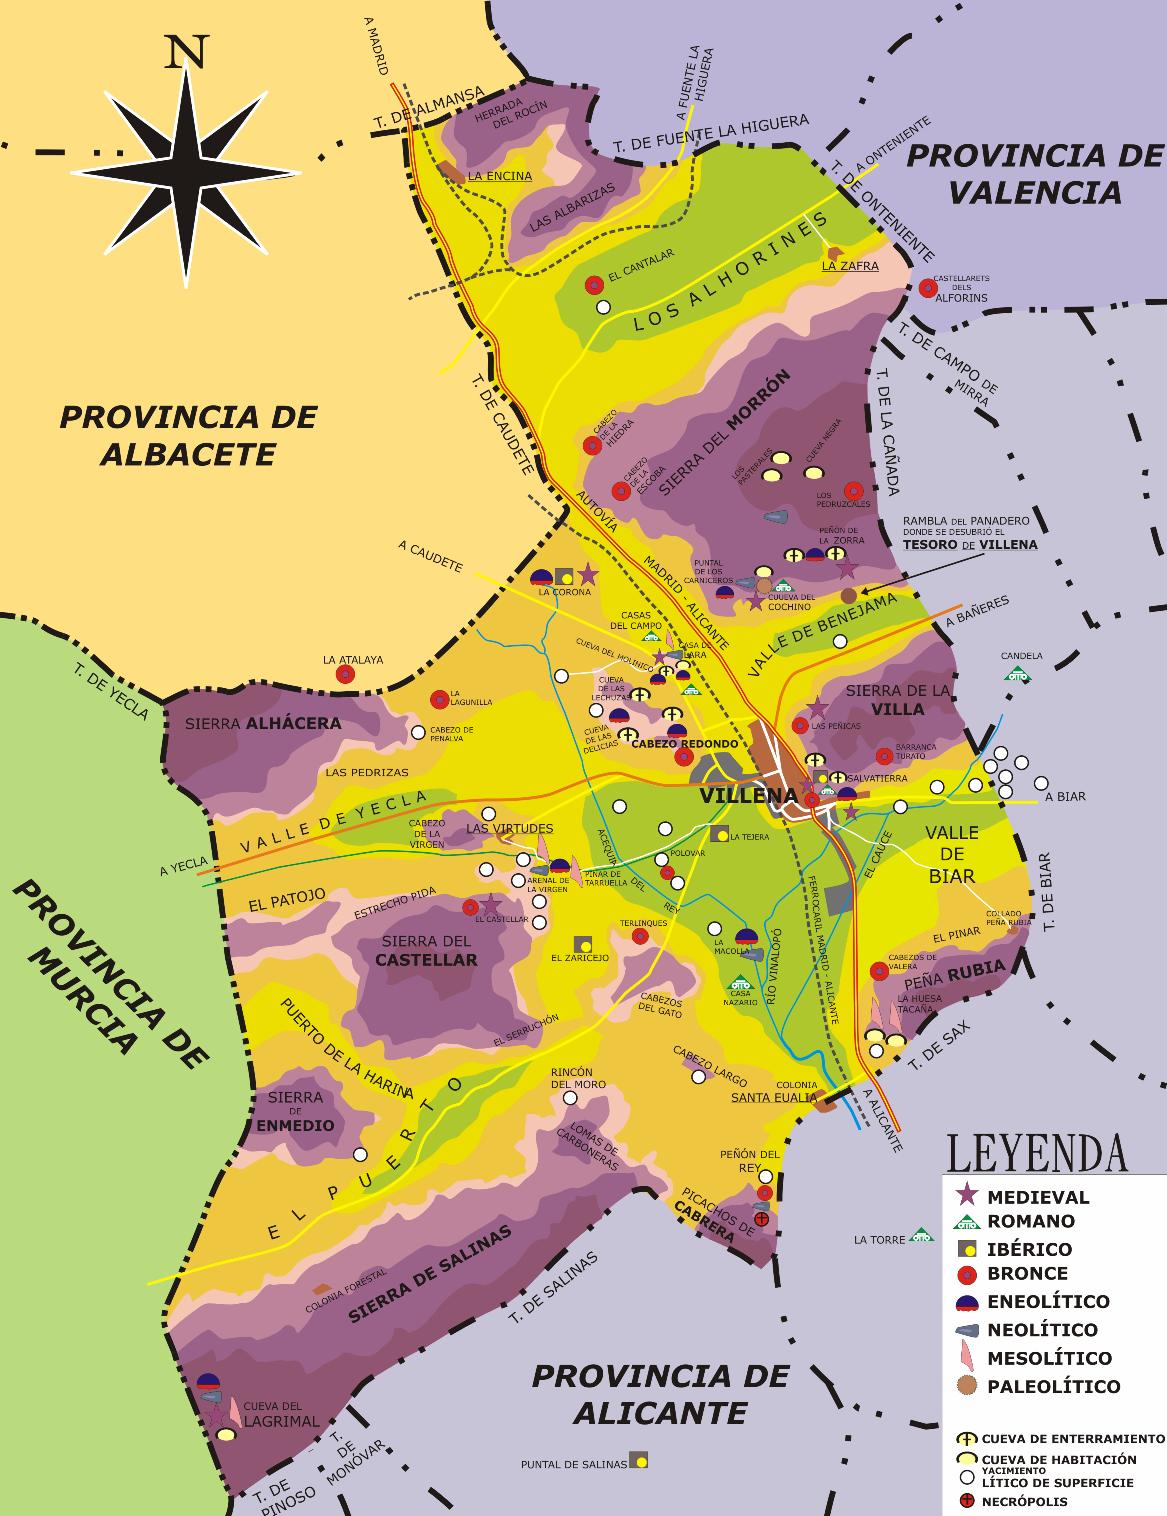 Historia de Villena  Wikipedia la enciclopedia libre